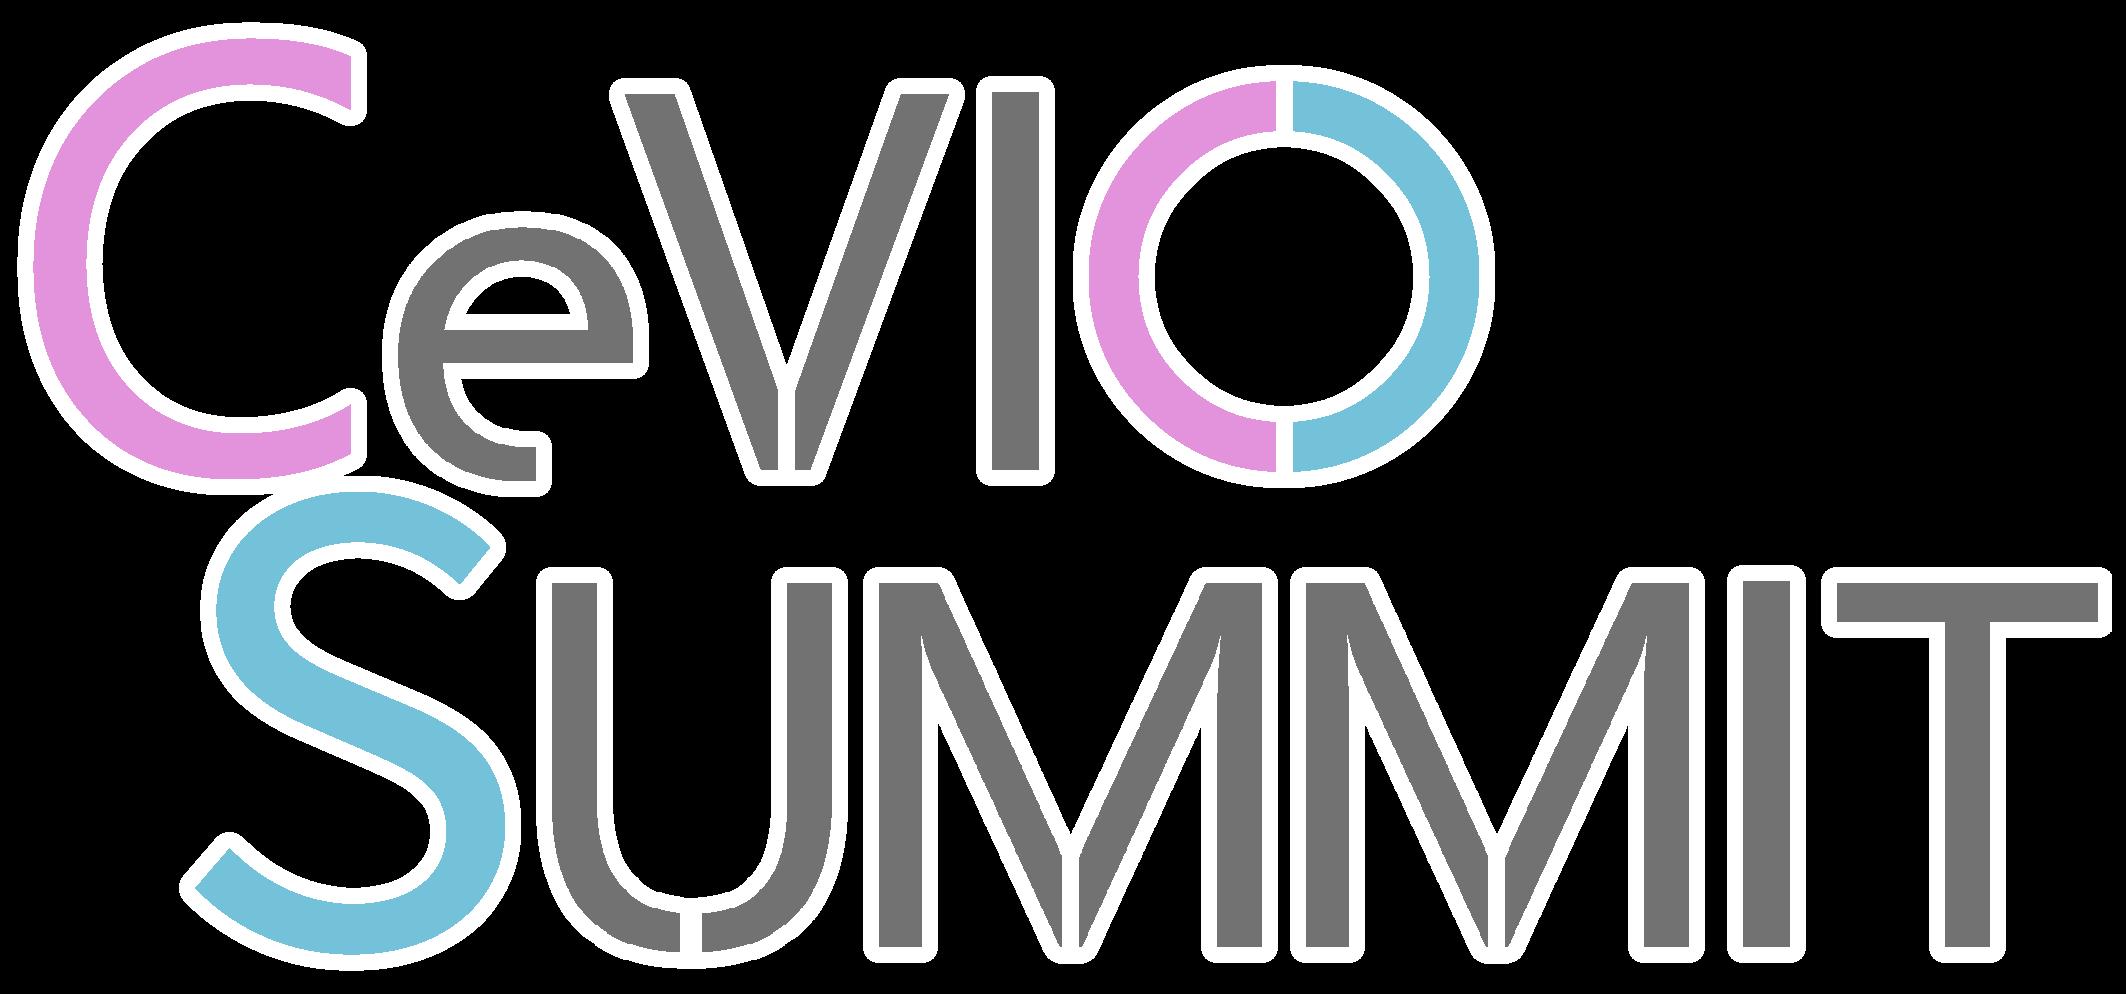 CeVIO SUMMIT | CeVIOオンリー同人即売会